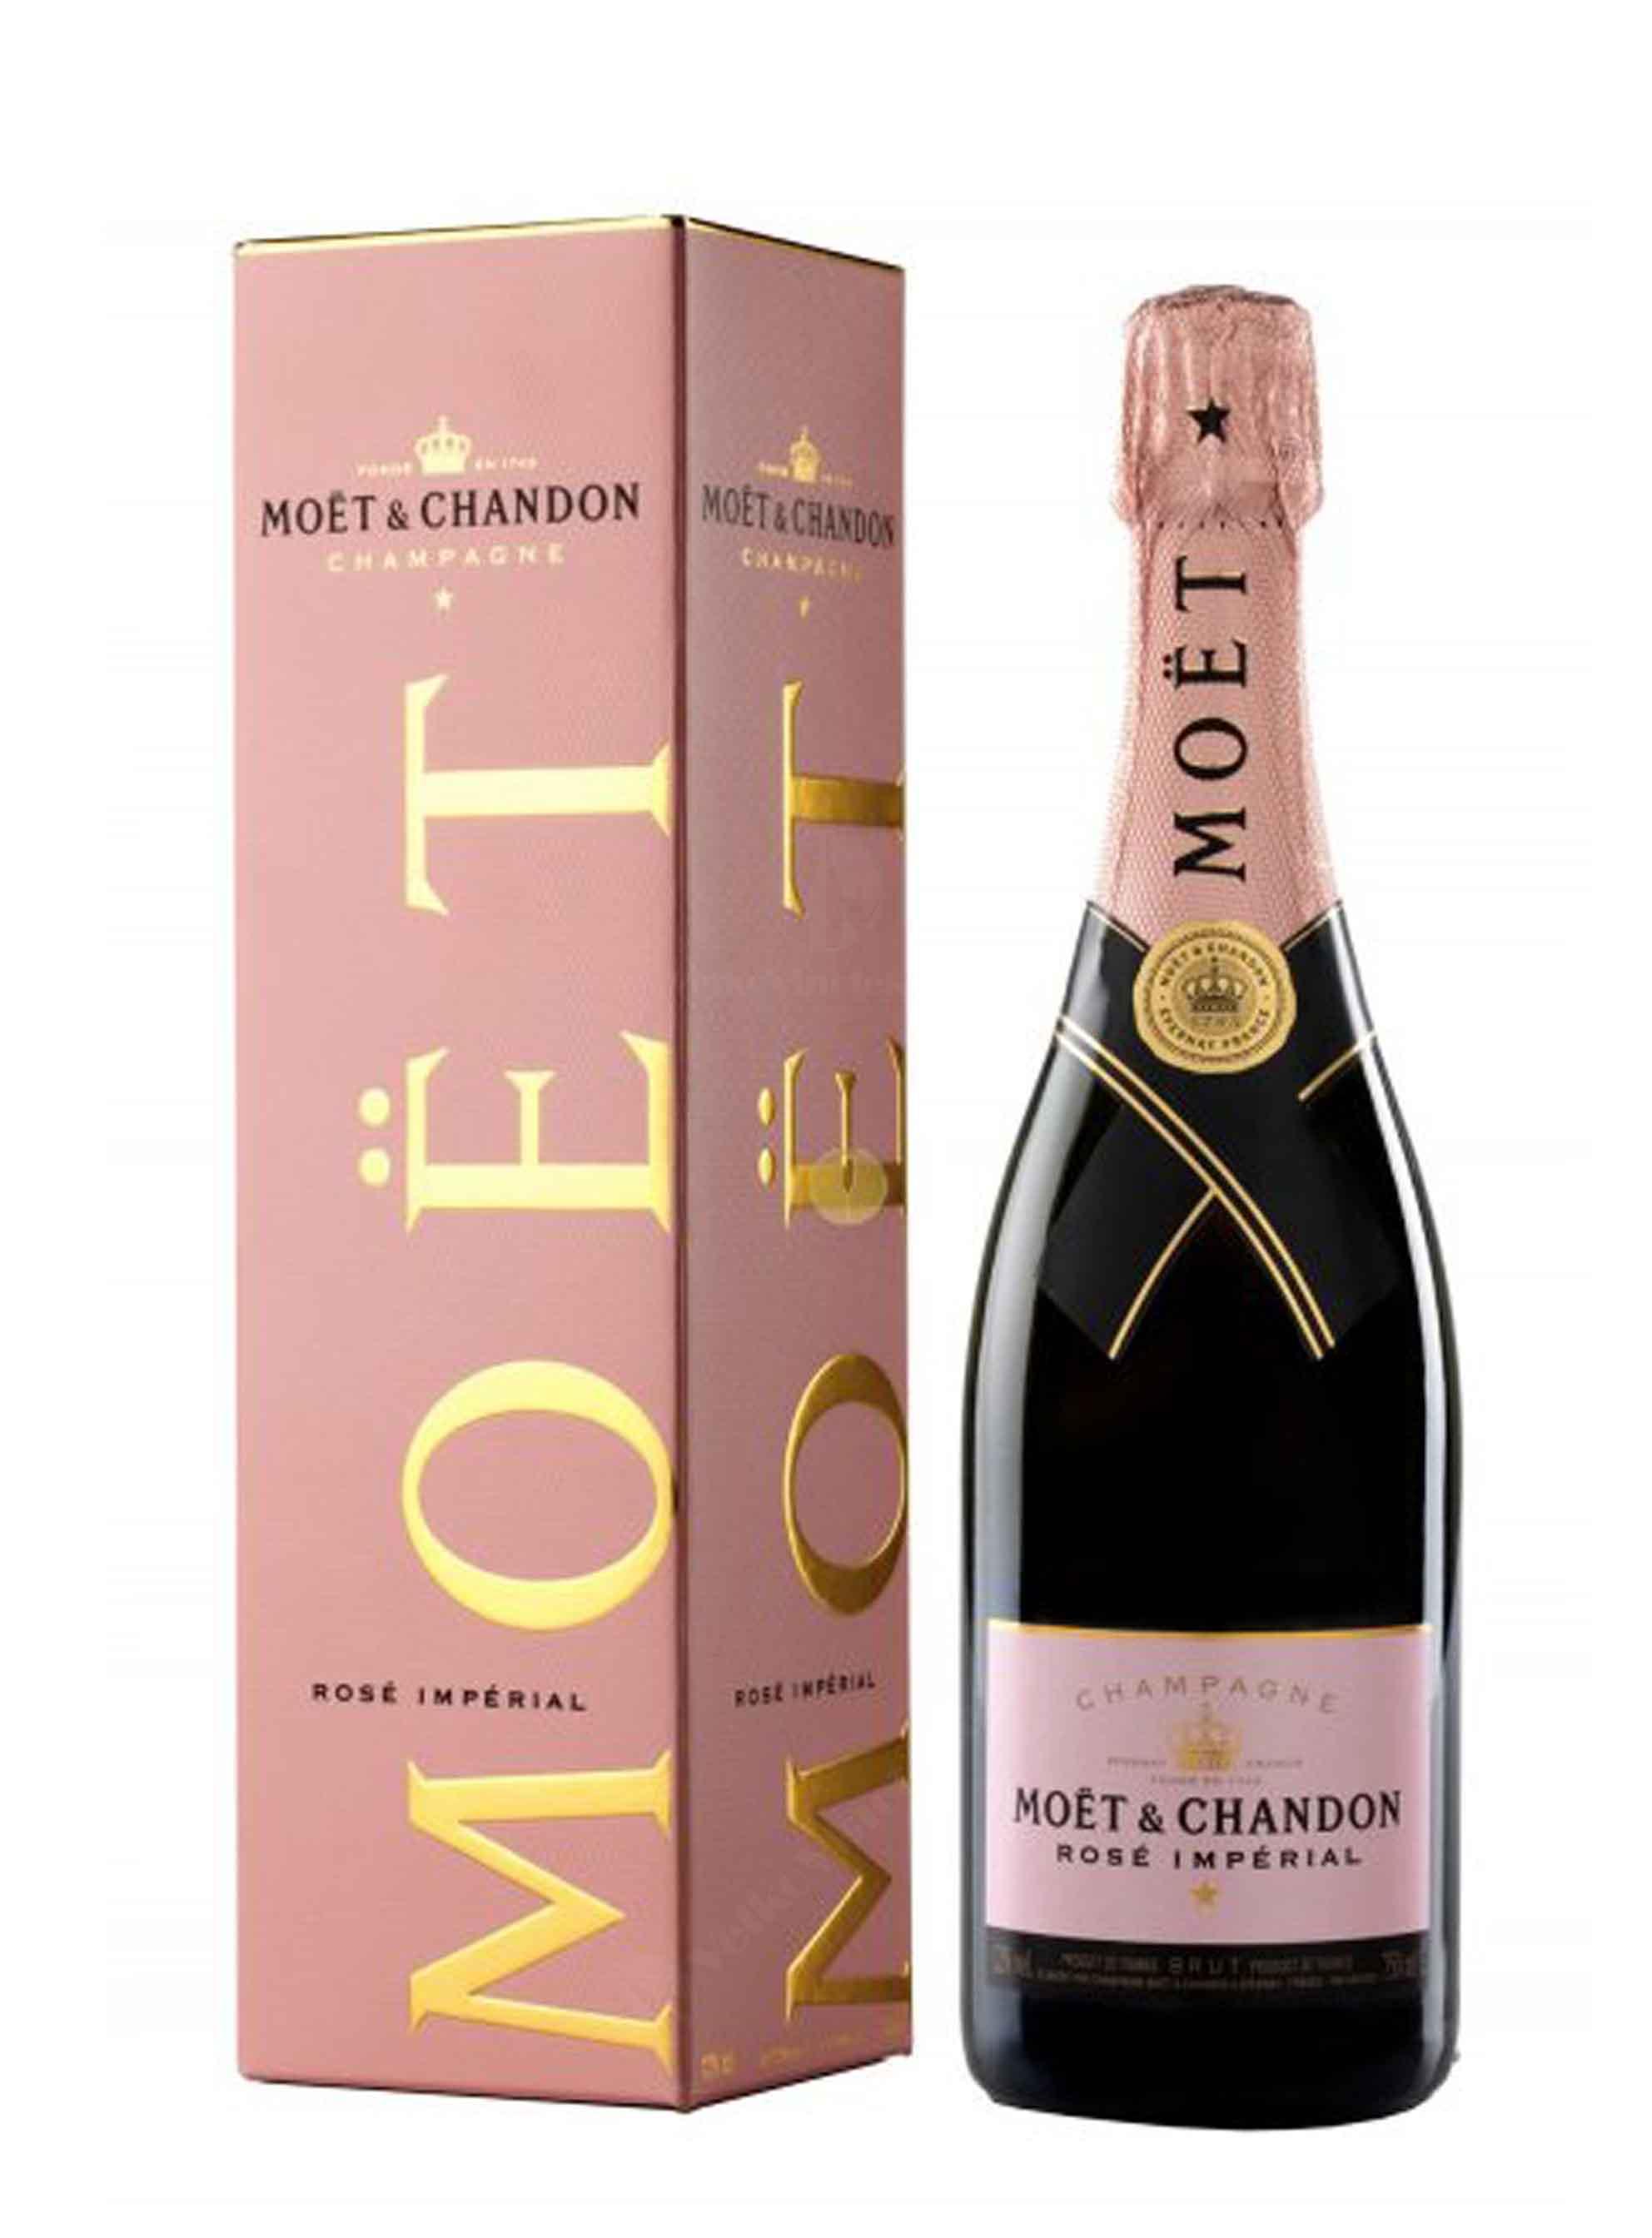 Champagne, Rosé Impérial, Moet - Chandon, 0.75 l